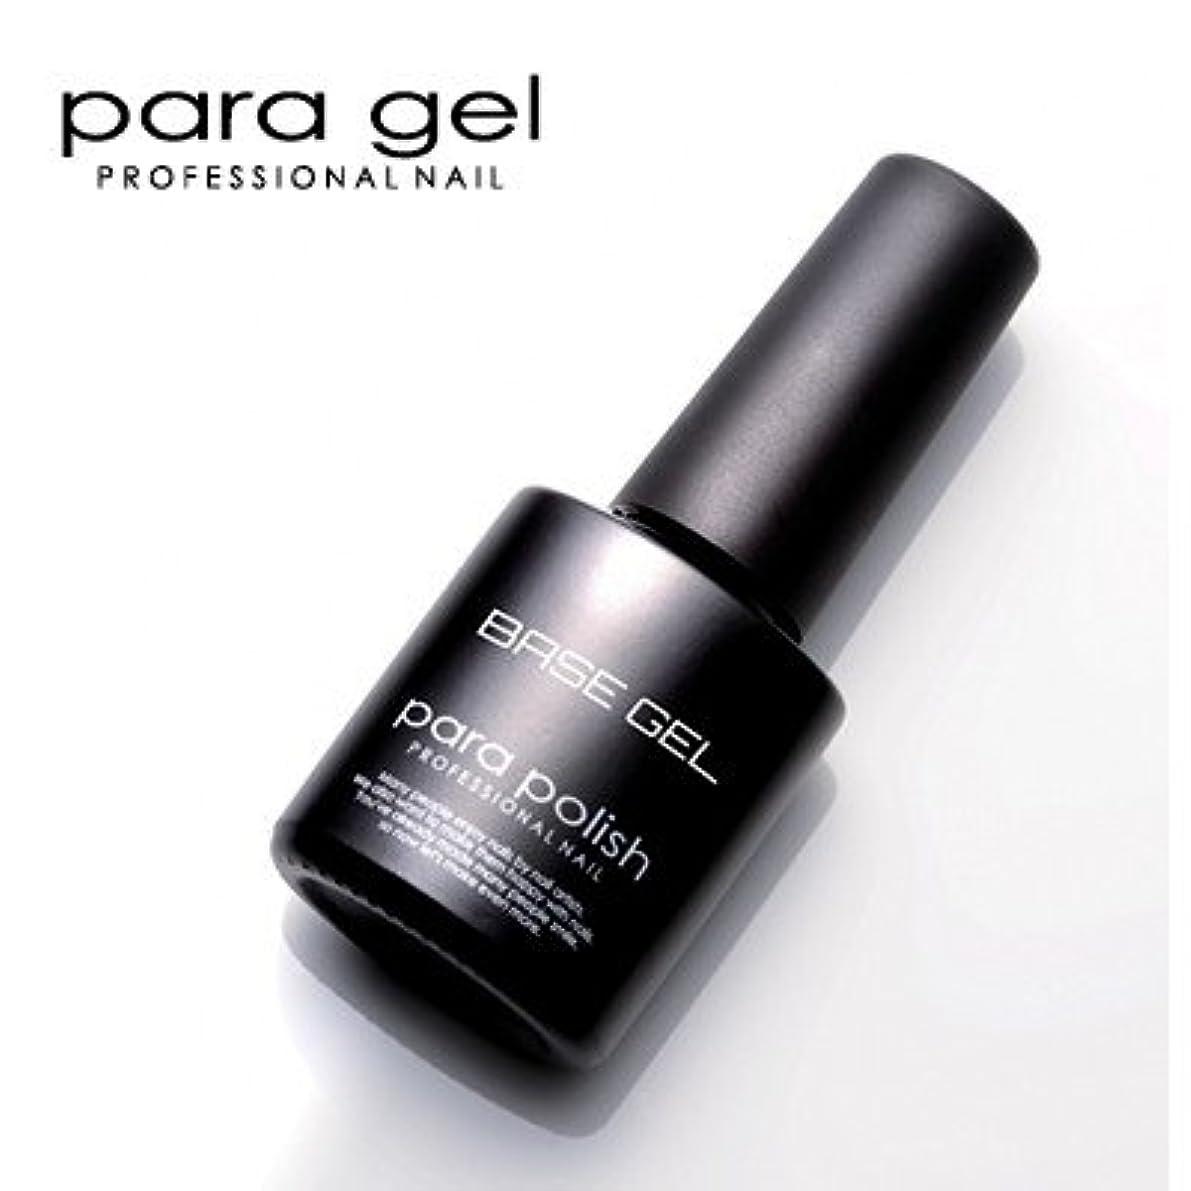 修士号予測する陽気なパラジェル para polish(パラポリッシュ) ベースジェル 7g